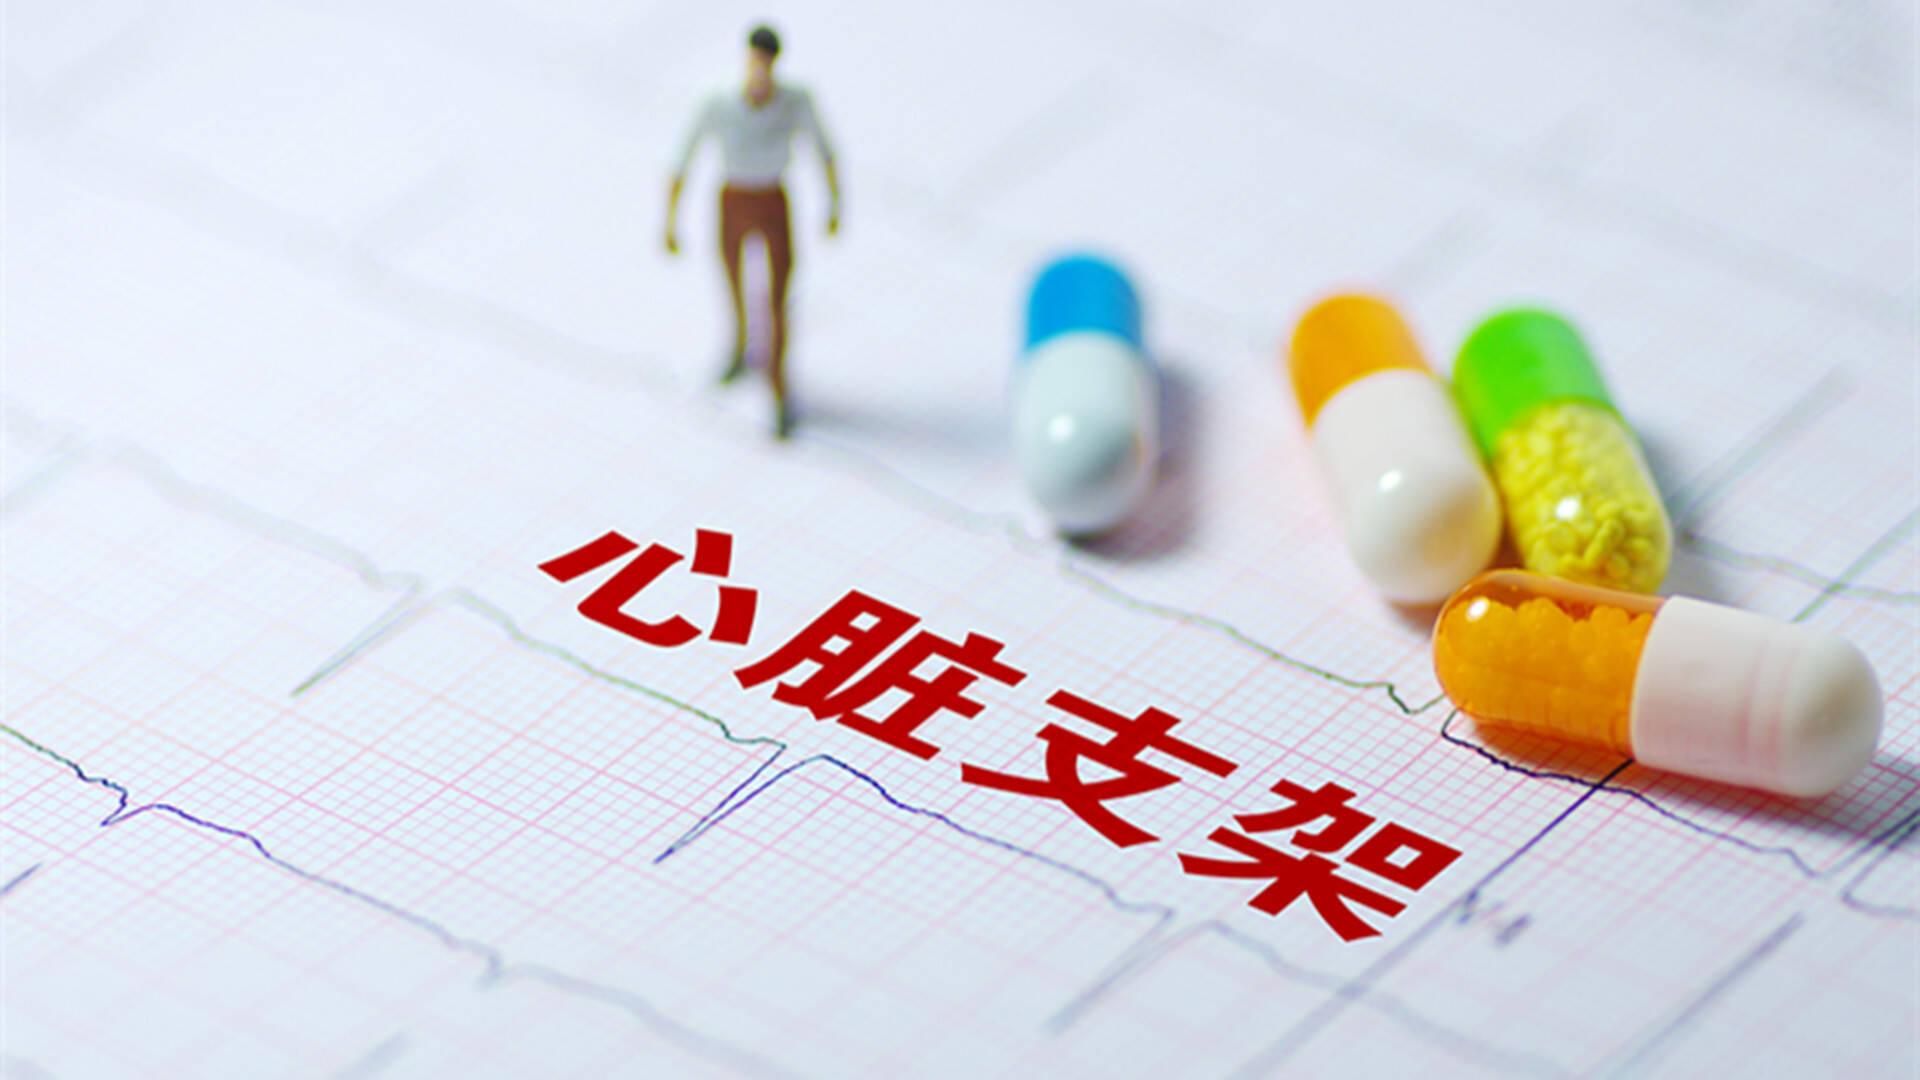 65秒丨国家集采冠脉支架落地山东等23个省区市 药品价格降幅超过90%